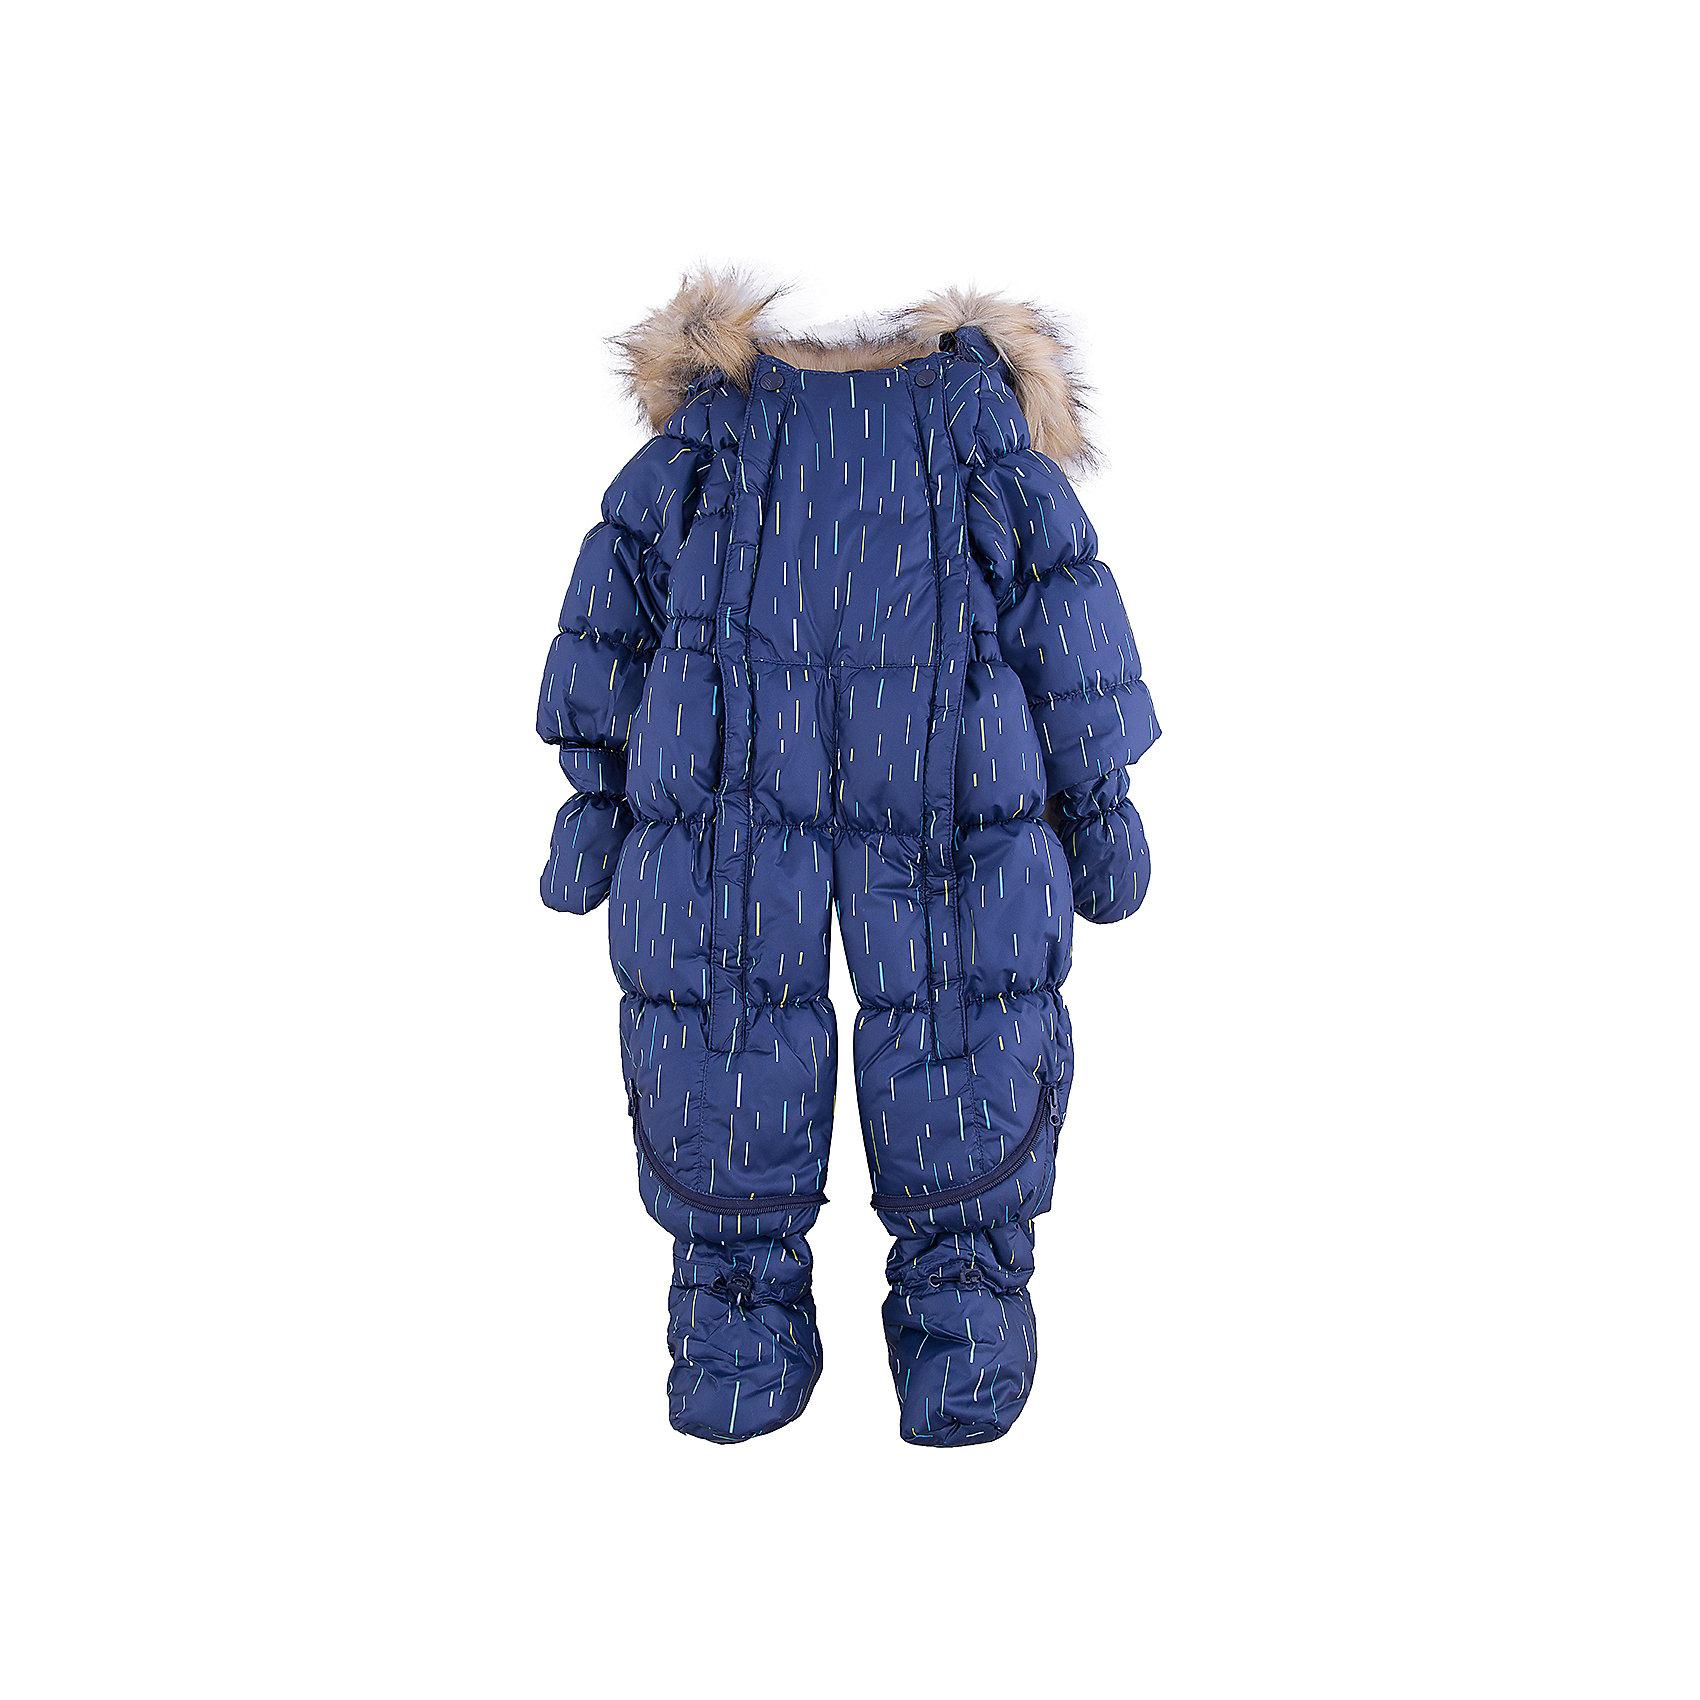 Комбинезон-трансформер Дождик OLDOS для мальчикаВерхняя одежда<br>Характеристики товара:<br><br>• цвет: синий<br>• состав ткани: 100% полиэстер, пропитка PU, Teflon<br>• подкладка: хлопок<br>• утеплитель: искусственный лебяжий пух<br>• сезон: зима<br>• температурный режим: от -35 до 0<br>• застежка: молния<br>• капюшон: с мехом, несъемный<br>• пинетки, варежки, опушка отстегиваются<br>• трансформируется в конверт<br>• страна бренда: Россия<br>• страна изготовитель: Россия<br><br>Яркий комбинезон-трансформер позволяет создать комфортный микроклимат даже в сильные морозы. Верх этого детского комбинезона - с пропиткой от грязи и влаги. Мягкая подкладка детского комбинезона-трансформера для зимы приятна на ощупь. Удобный комбинезон-трансформер для мальчика дополнен съемными пинетками и варежками. <br><br>Комбинезон-трансформер Дождик Oldos (Олдос) для девочки можно купить в нашем интернет-магазине.<br><br>Ширина мм: 356<br>Глубина мм: 10<br>Высота мм: 245<br>Вес г: 519<br>Цвет: синий<br>Возраст от месяцев: 12<br>Возраст до месяцев: 15<br>Пол: Мужской<br>Возраст: Детский<br>Размер: 80,74<br>SKU: 7016632